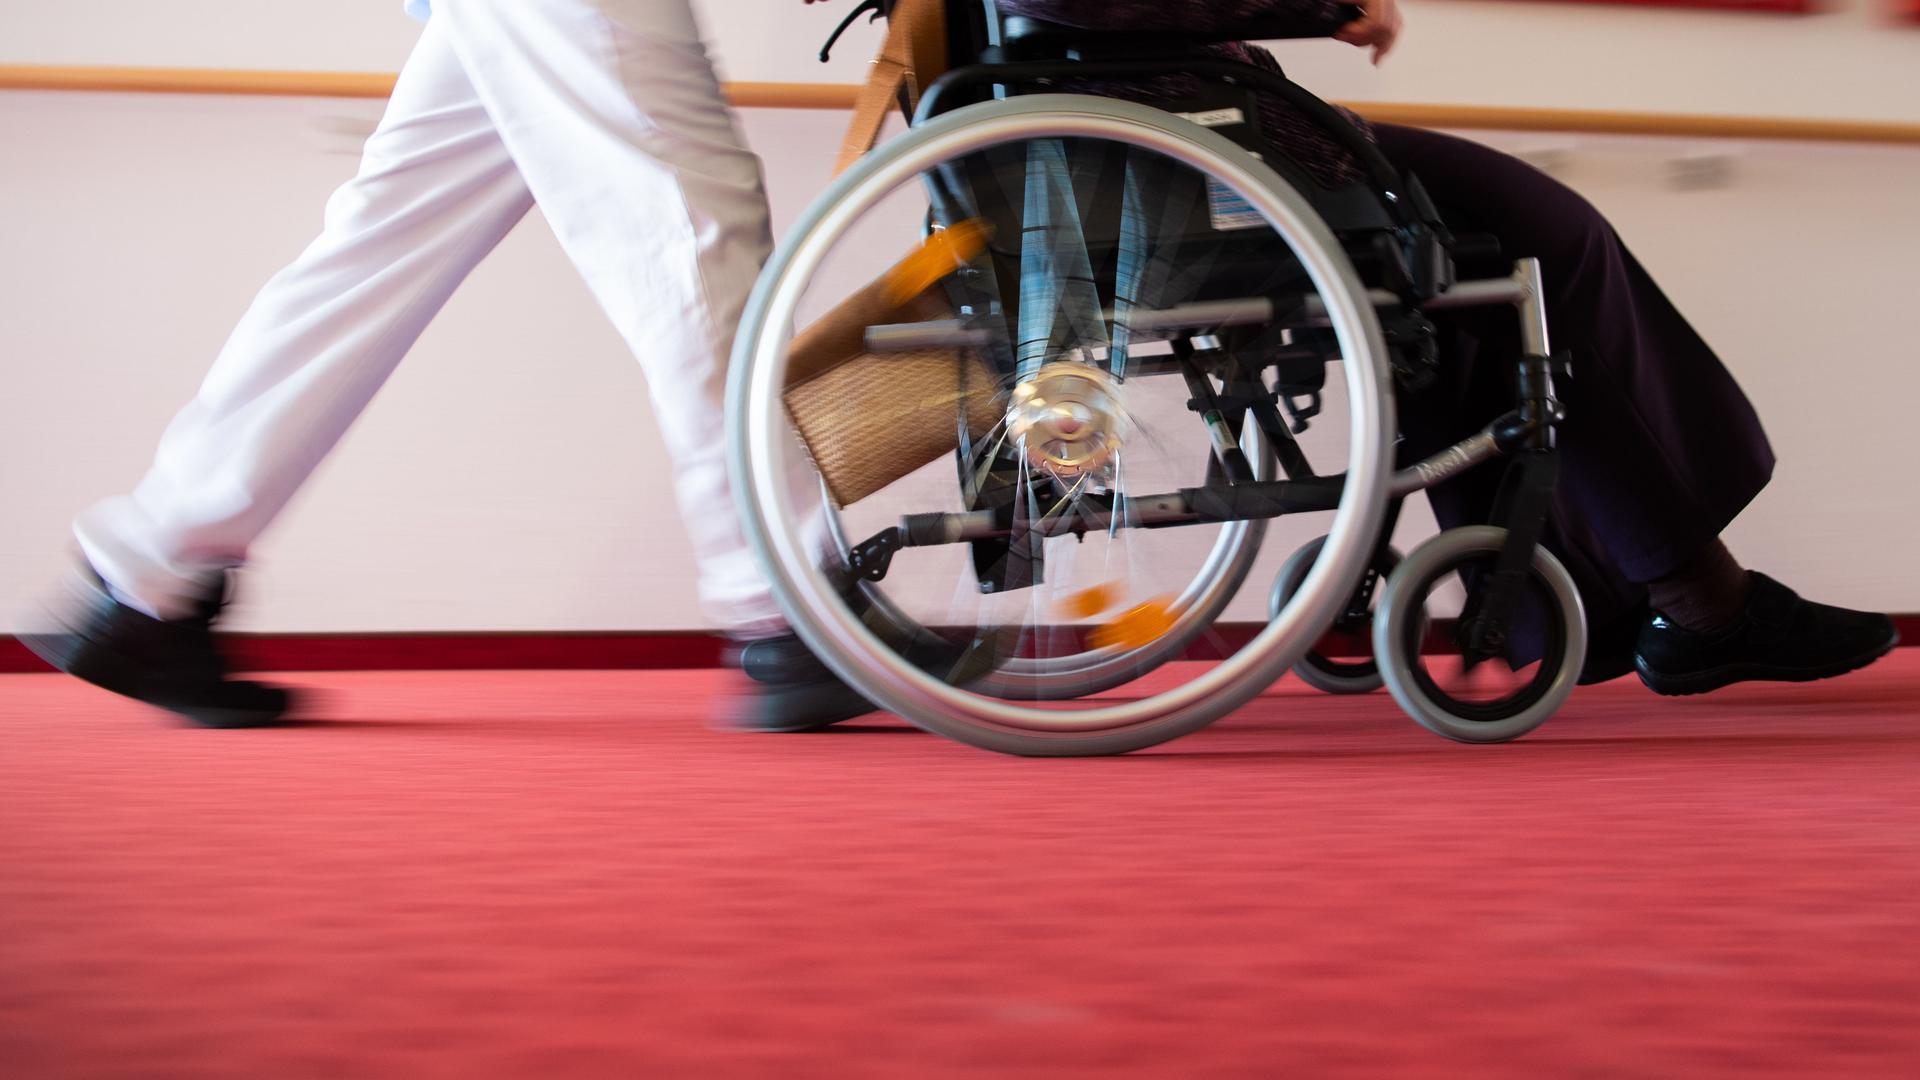 ARCHIV - 15.01.2020, ---: Ein Pfleger eines Pflegeheims schiebt eine Bewohnerin mit einem Rollstuhl. (zu dpa «Anwerbung ausländischer Pflegekräfte stockt wegen Corona») Foto: Tom Weller/dpa +++ dpa-Bildfunk +++ | Verwendung weltweit